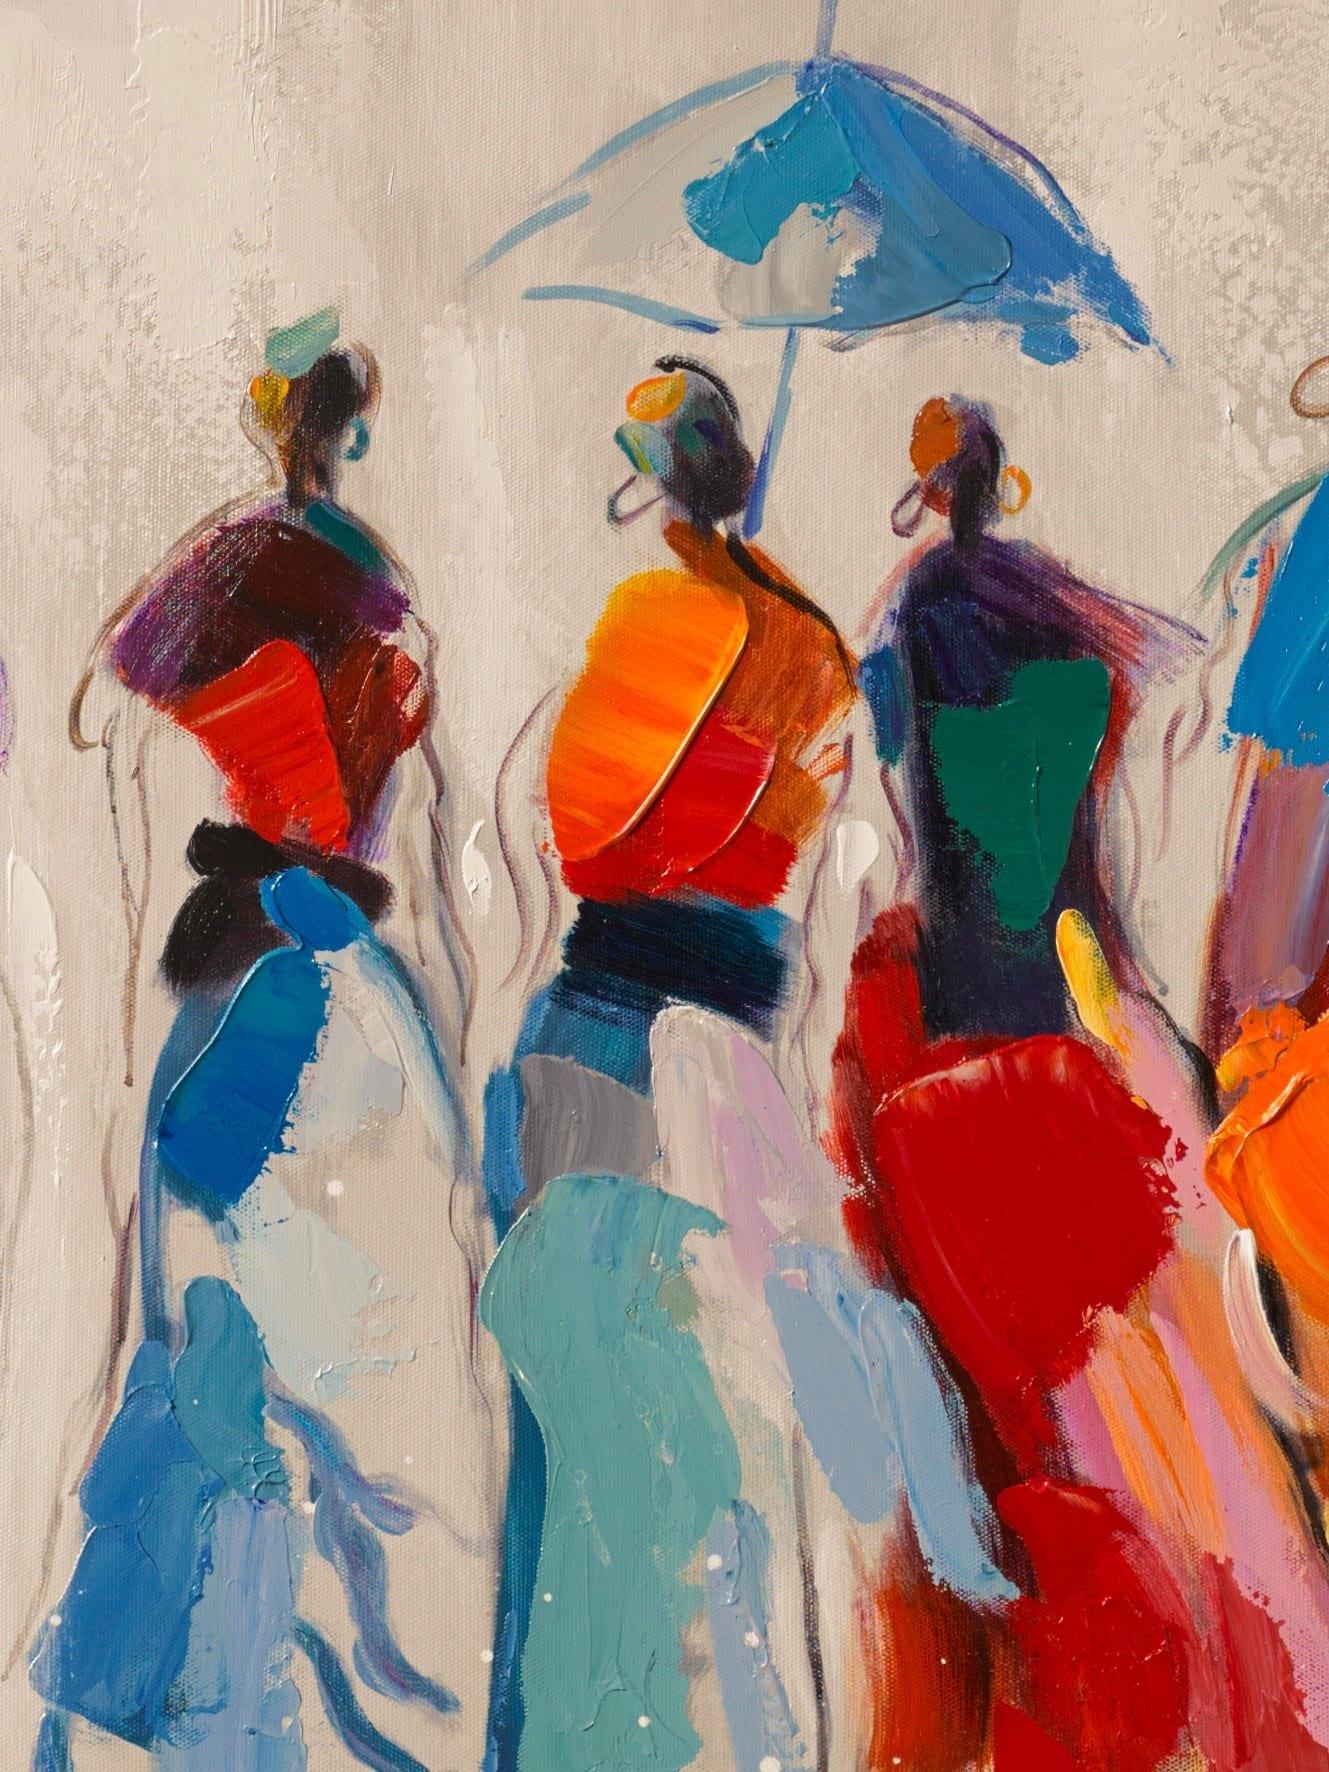 heine home Echt schilderij bestellen: 30 dagen bedenktijd